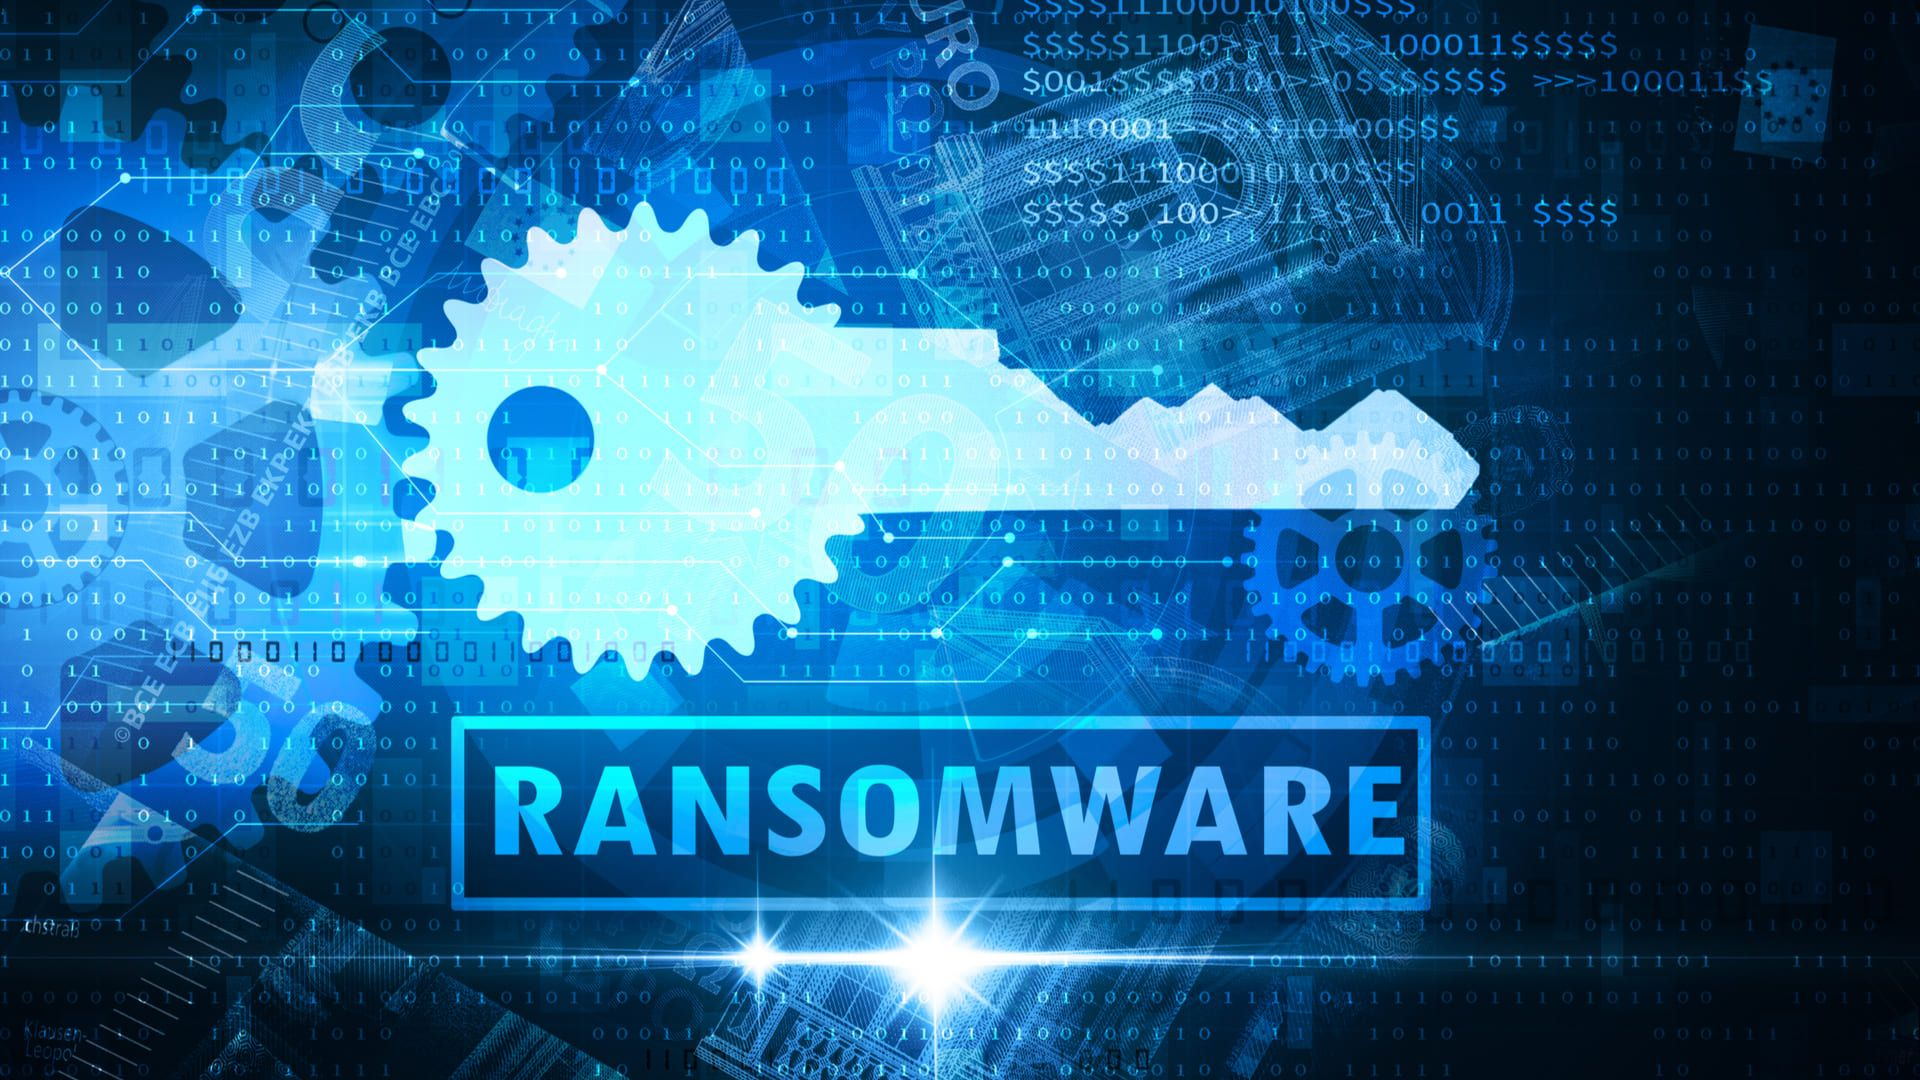 O ransomware é uma ameaça para os PCs (Foto: Reprodução/Shutterstock)